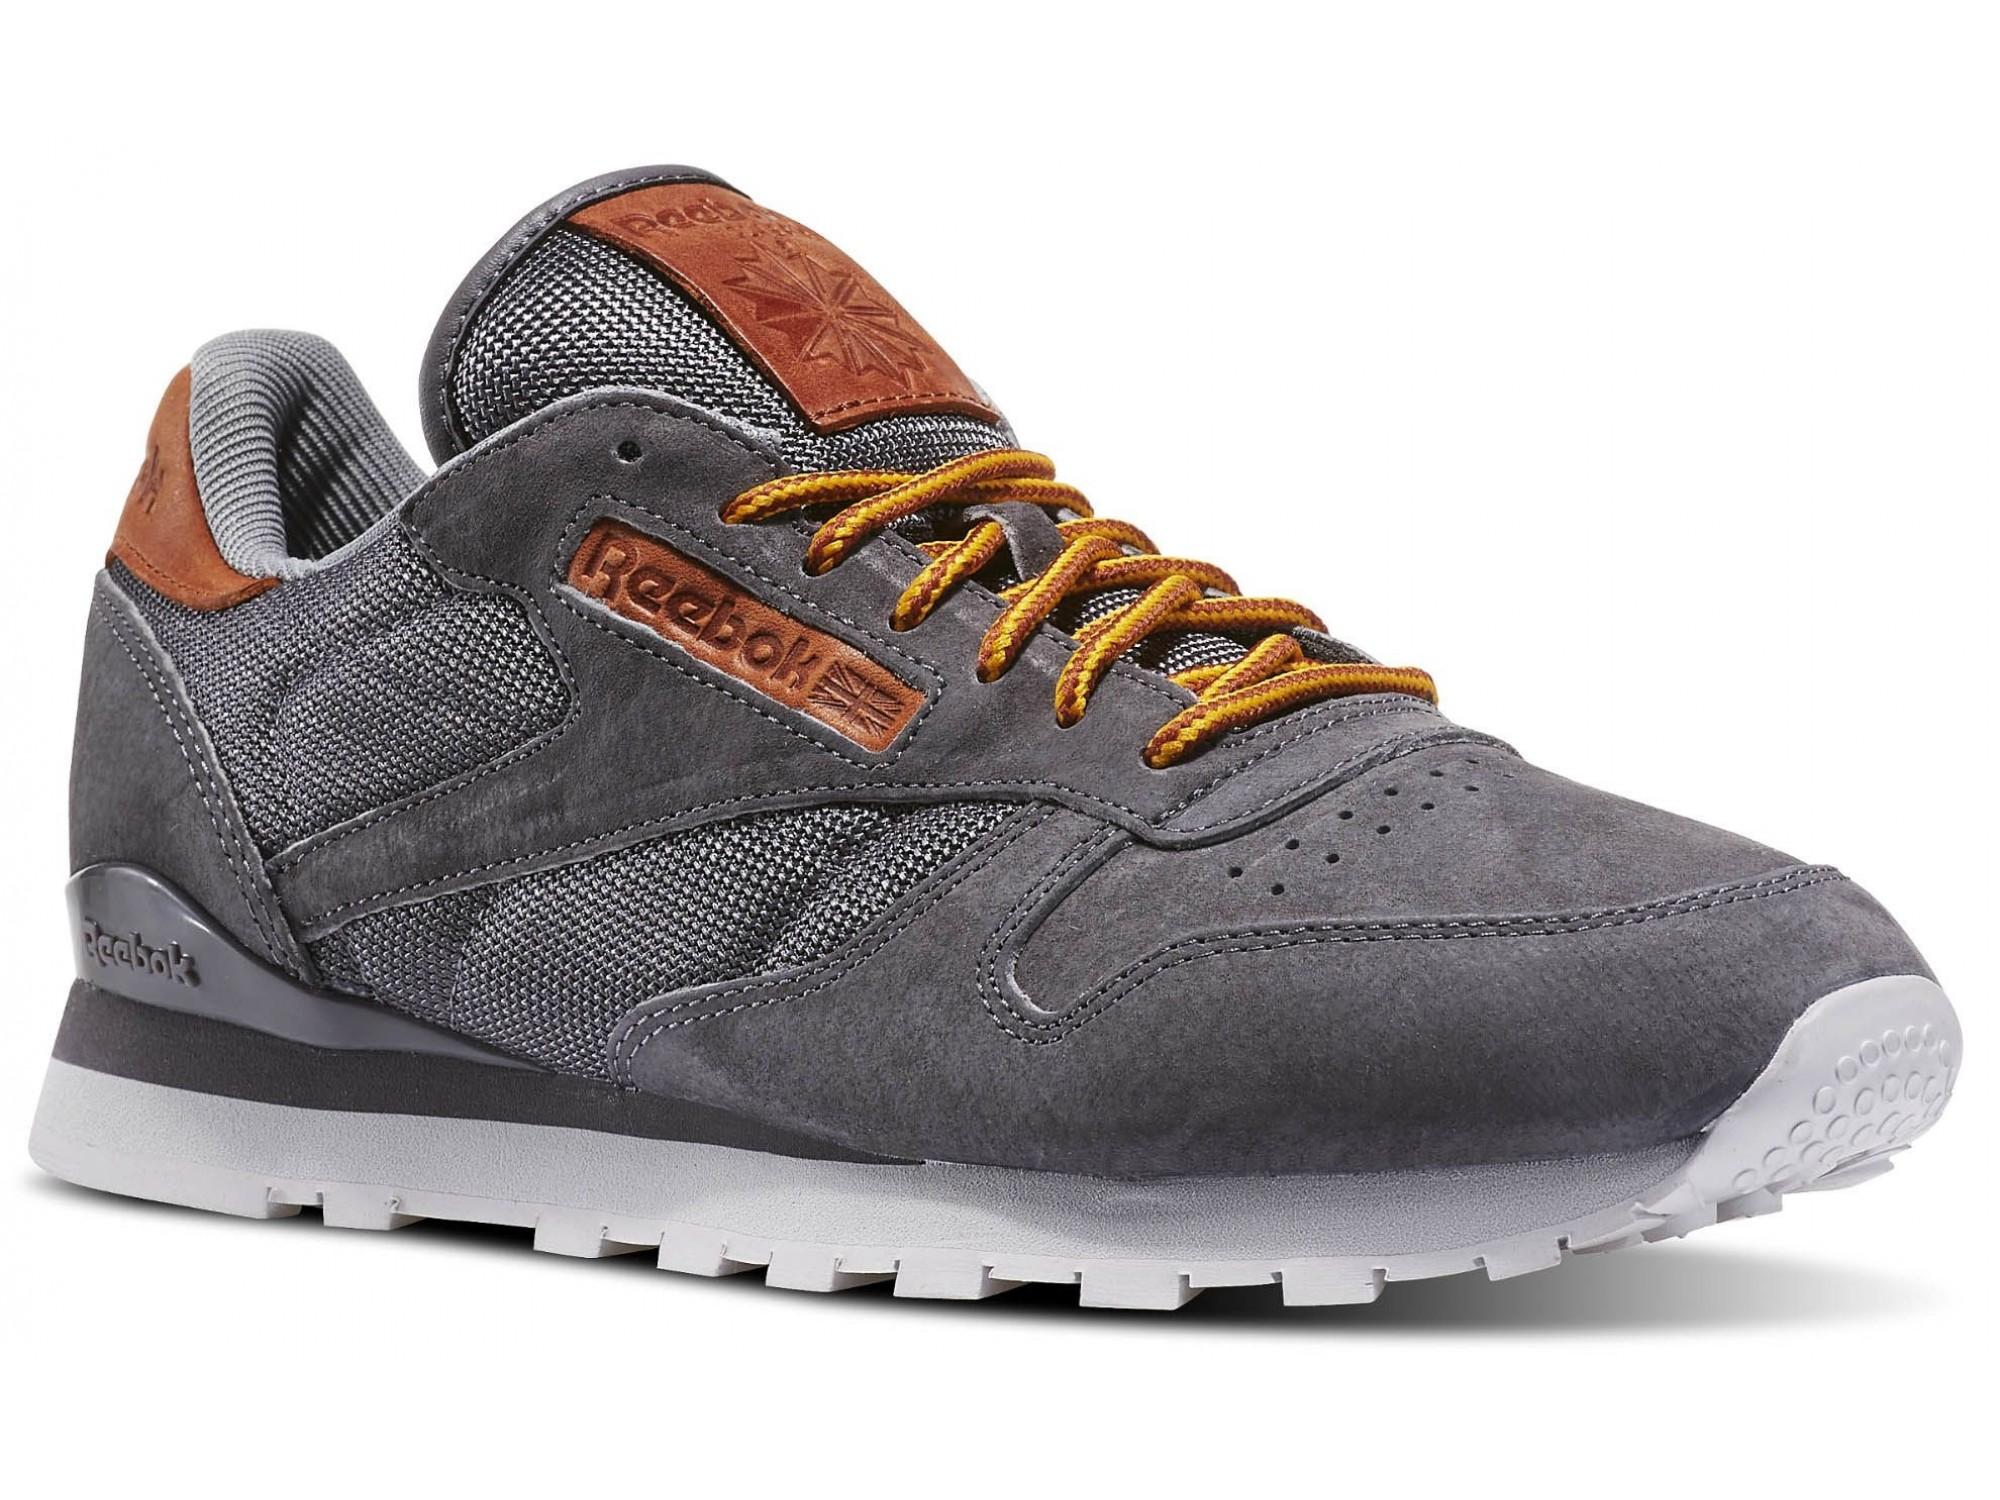 Reebok CL Leather OL Reebok BD2036 купить в Украине d63f0e9093f5d